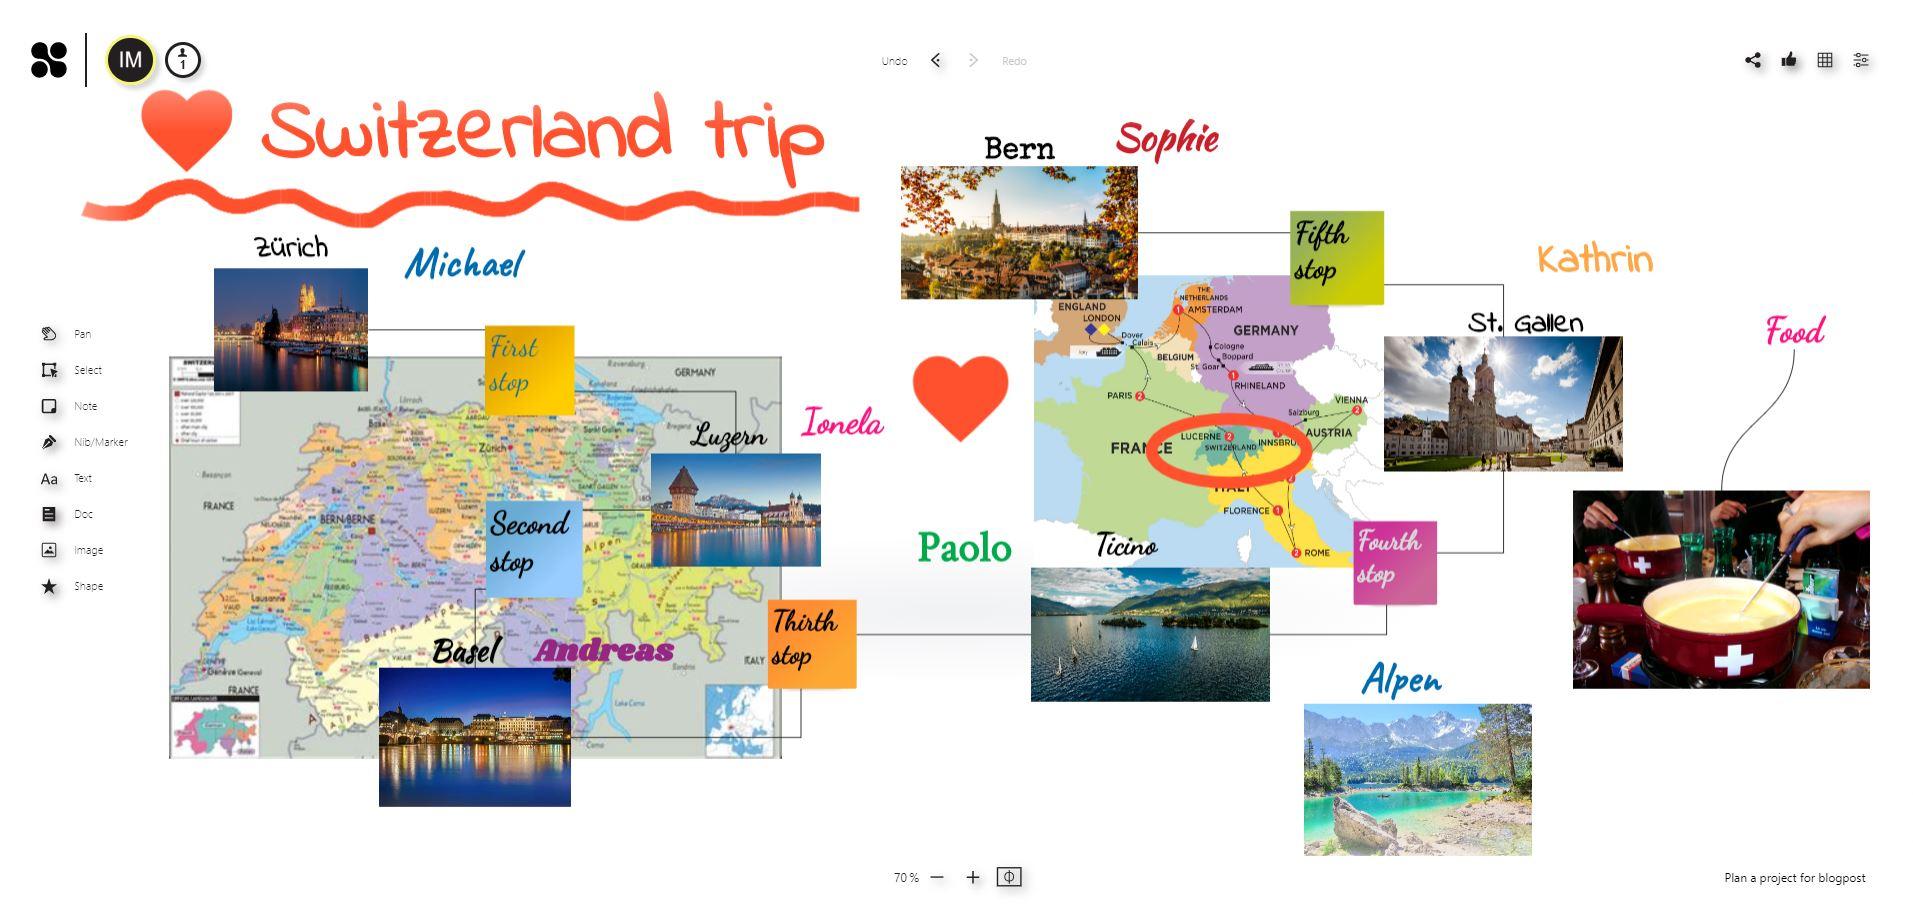 Switzerland trip version 2